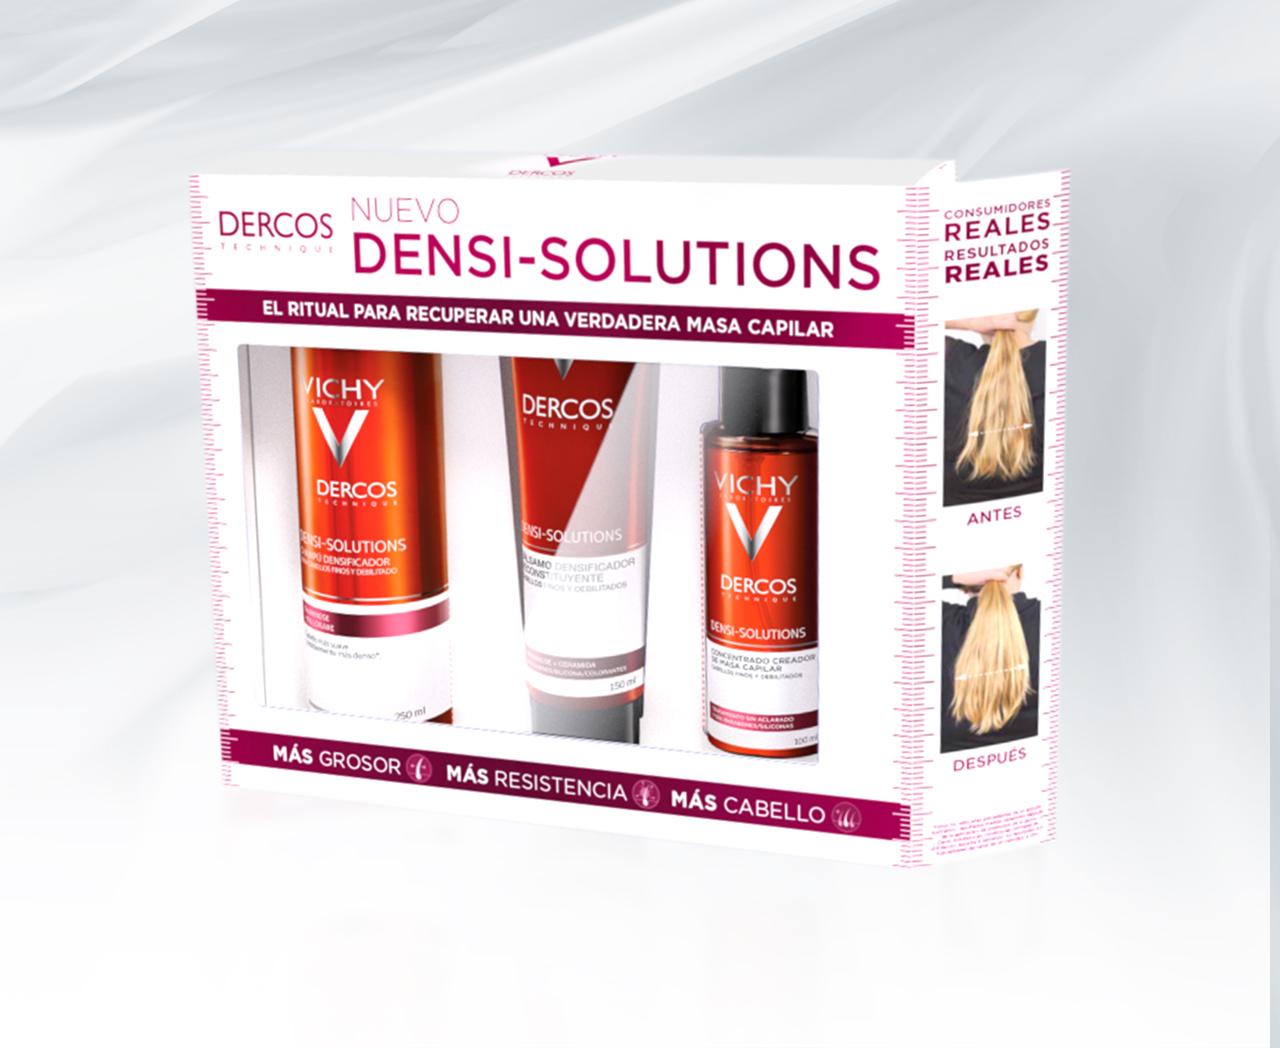 Pack Densi-Solutions Creador de Masa Capilar